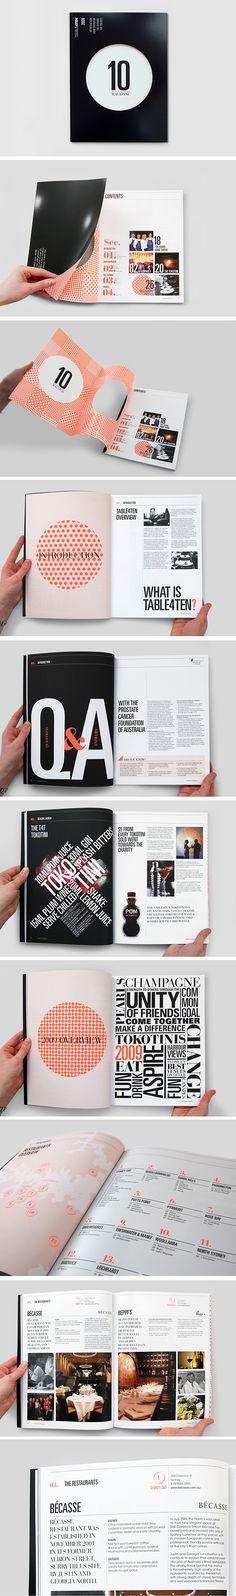 Magazine  Logo art , pre made logos : http://www.etsy.com/shop/BannerSetDesigns?ref=pr_shop_more